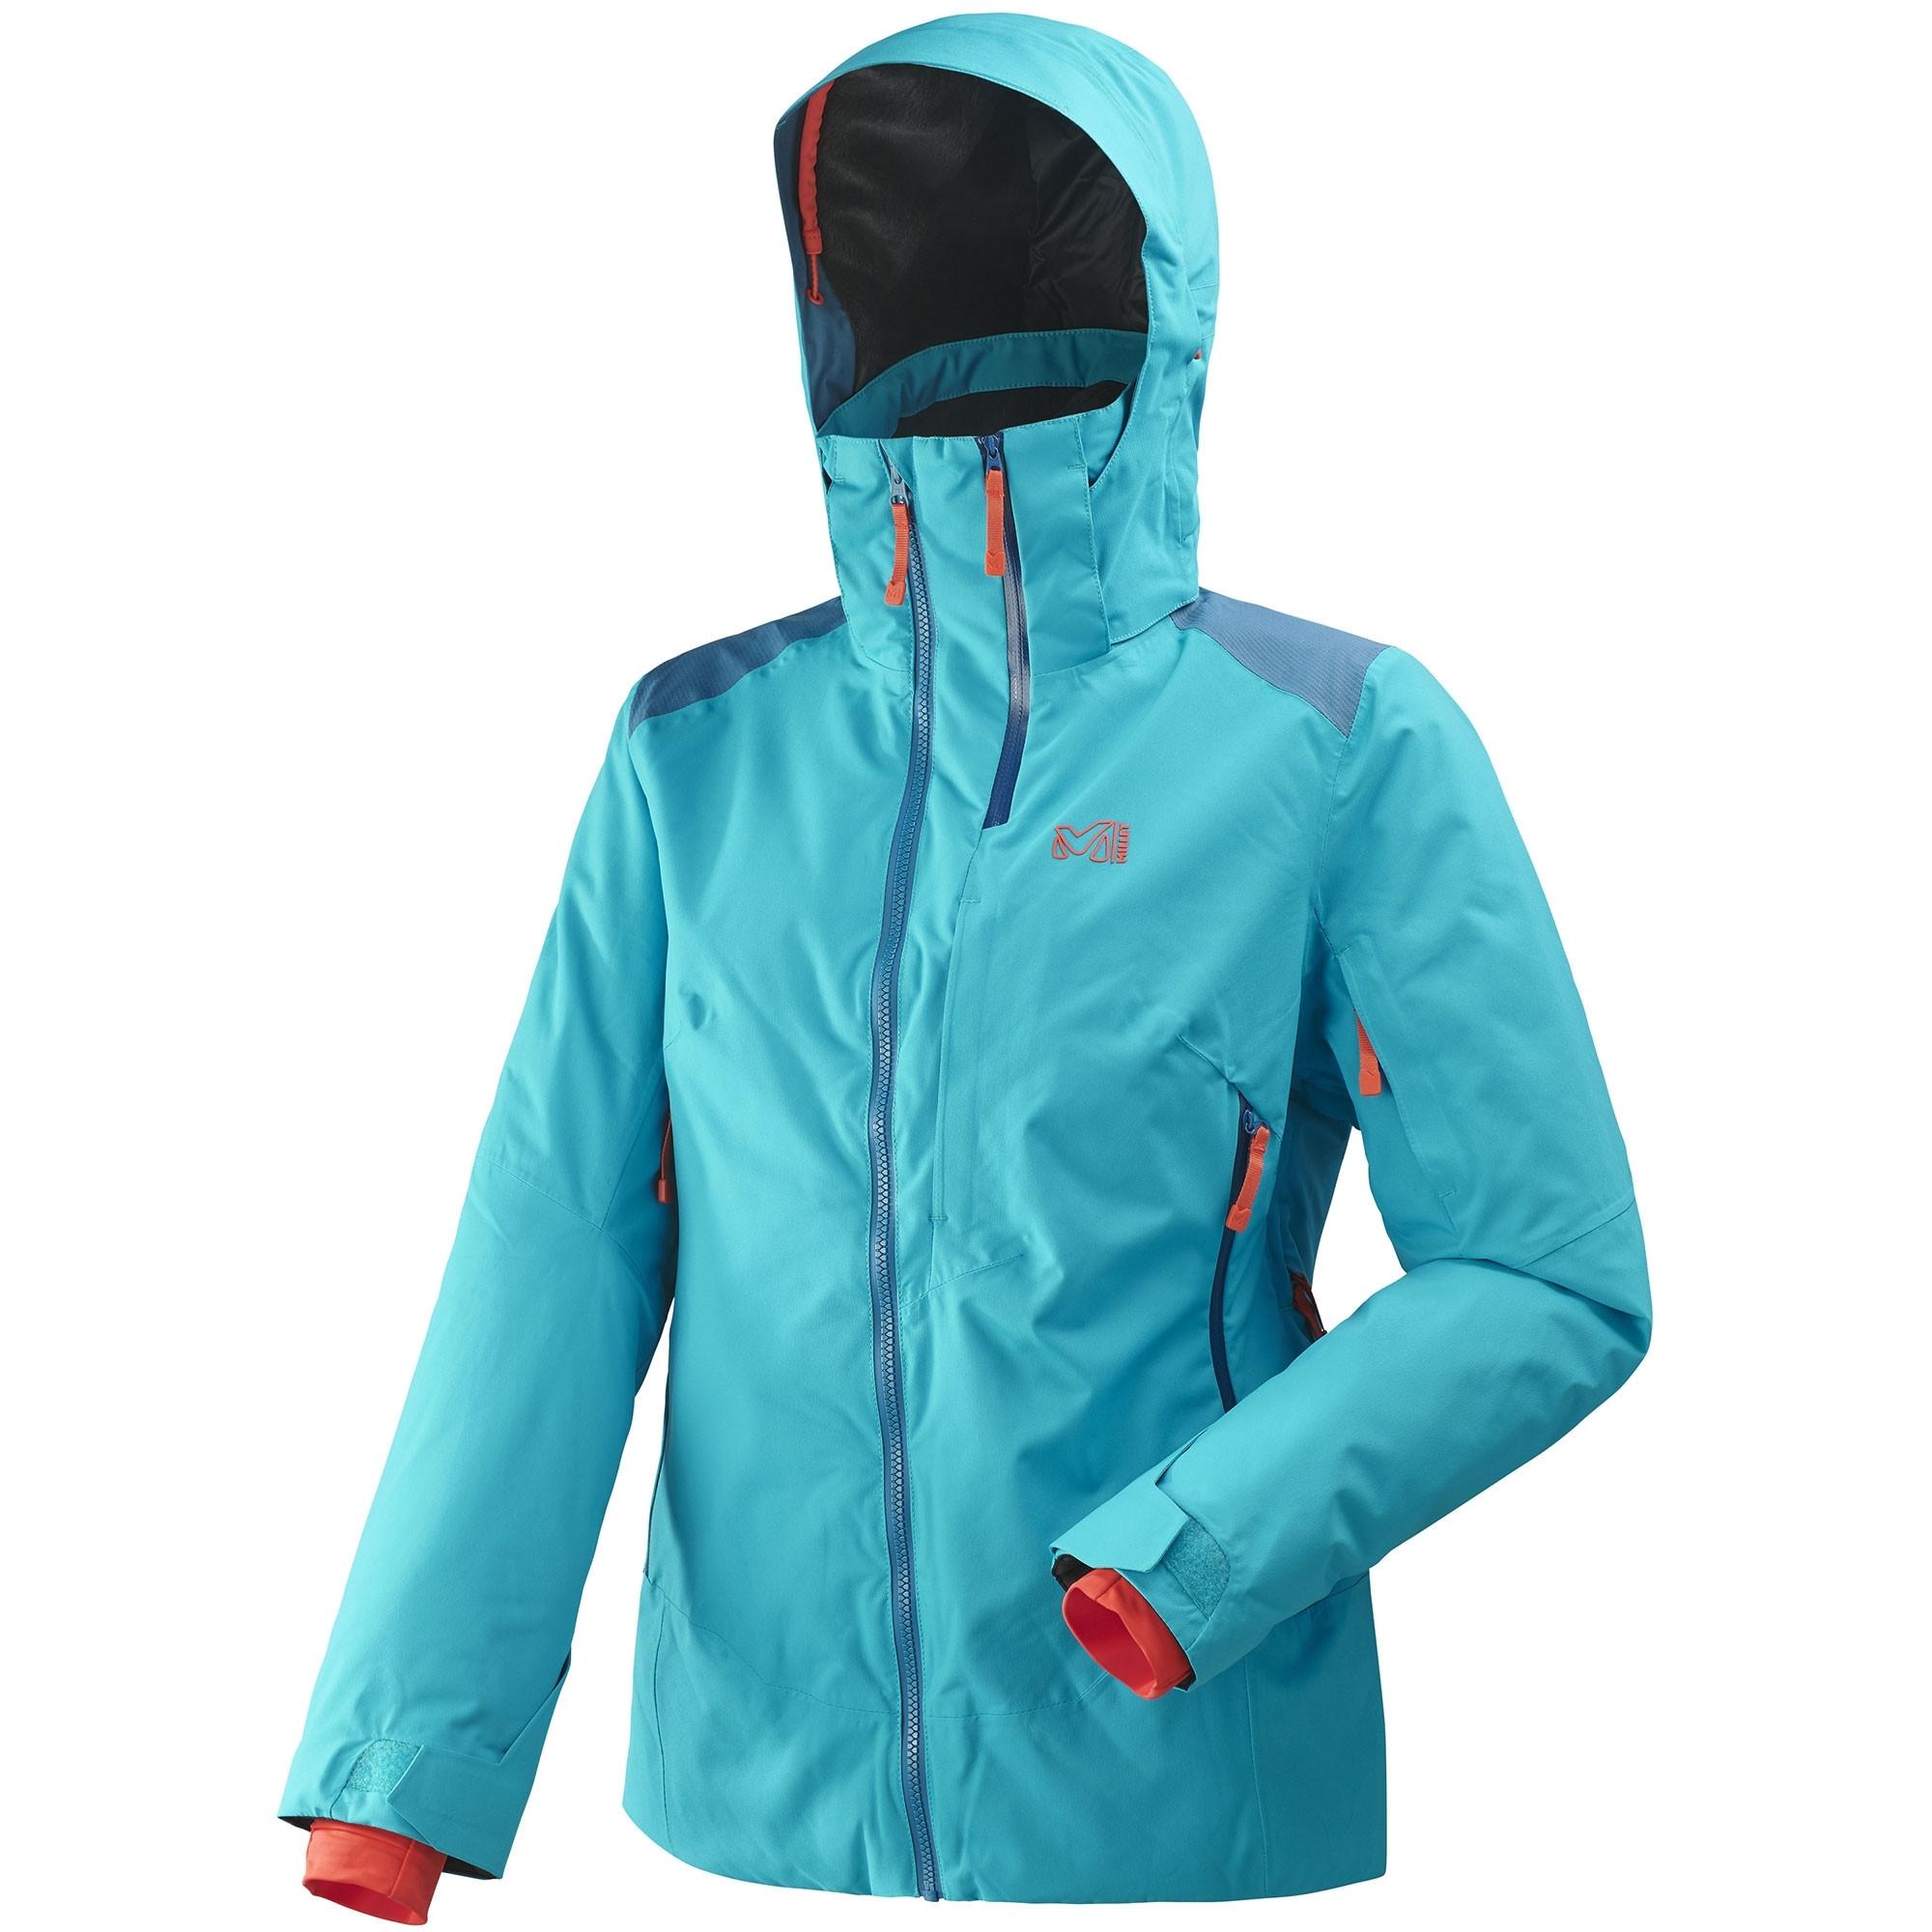 Stretch Veste Ski Femme De Bleu 724 Millet nOmNwv80